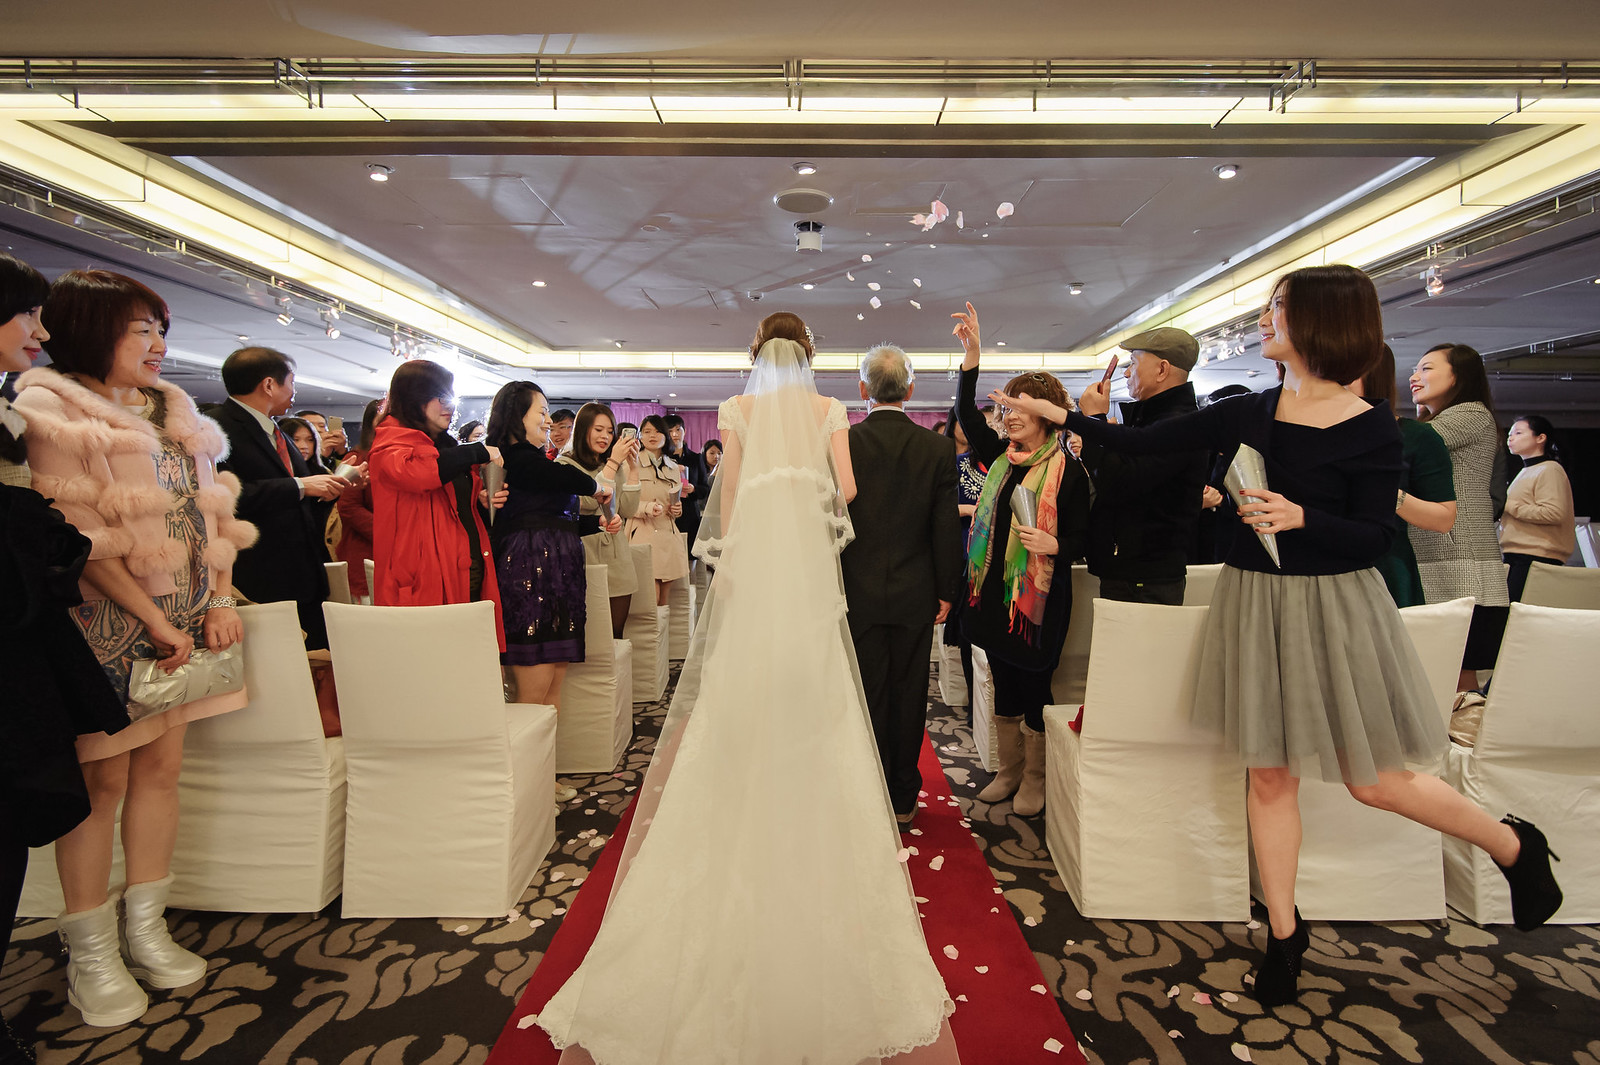 台北婚攝, 婚禮攝影, 婚攝, 婚攝守恆, 婚攝推薦, 晶華酒店, 晶華酒店婚宴, 晶華酒店婚攝-30